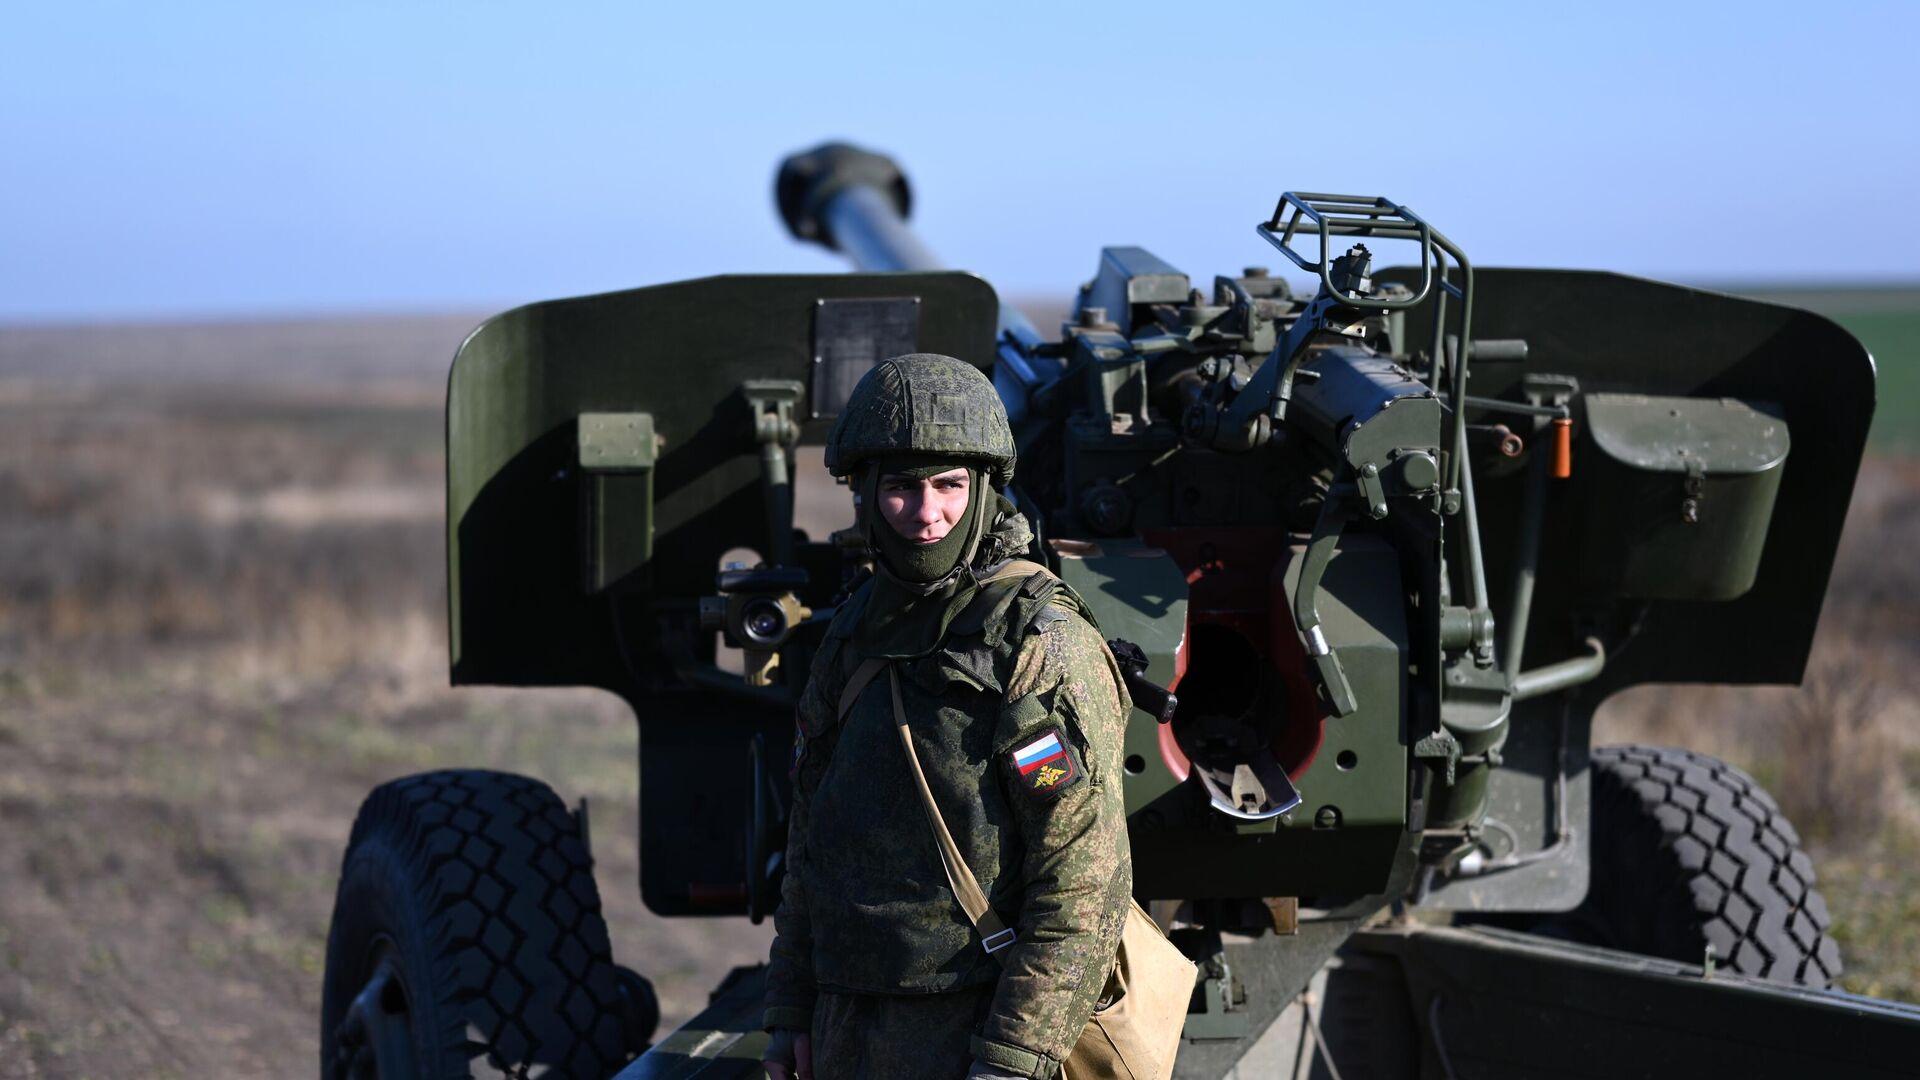 Военнослужащий подготавливает гаубицу к боевым стрельбам - РИА Новости, 1920, 31.03.2021